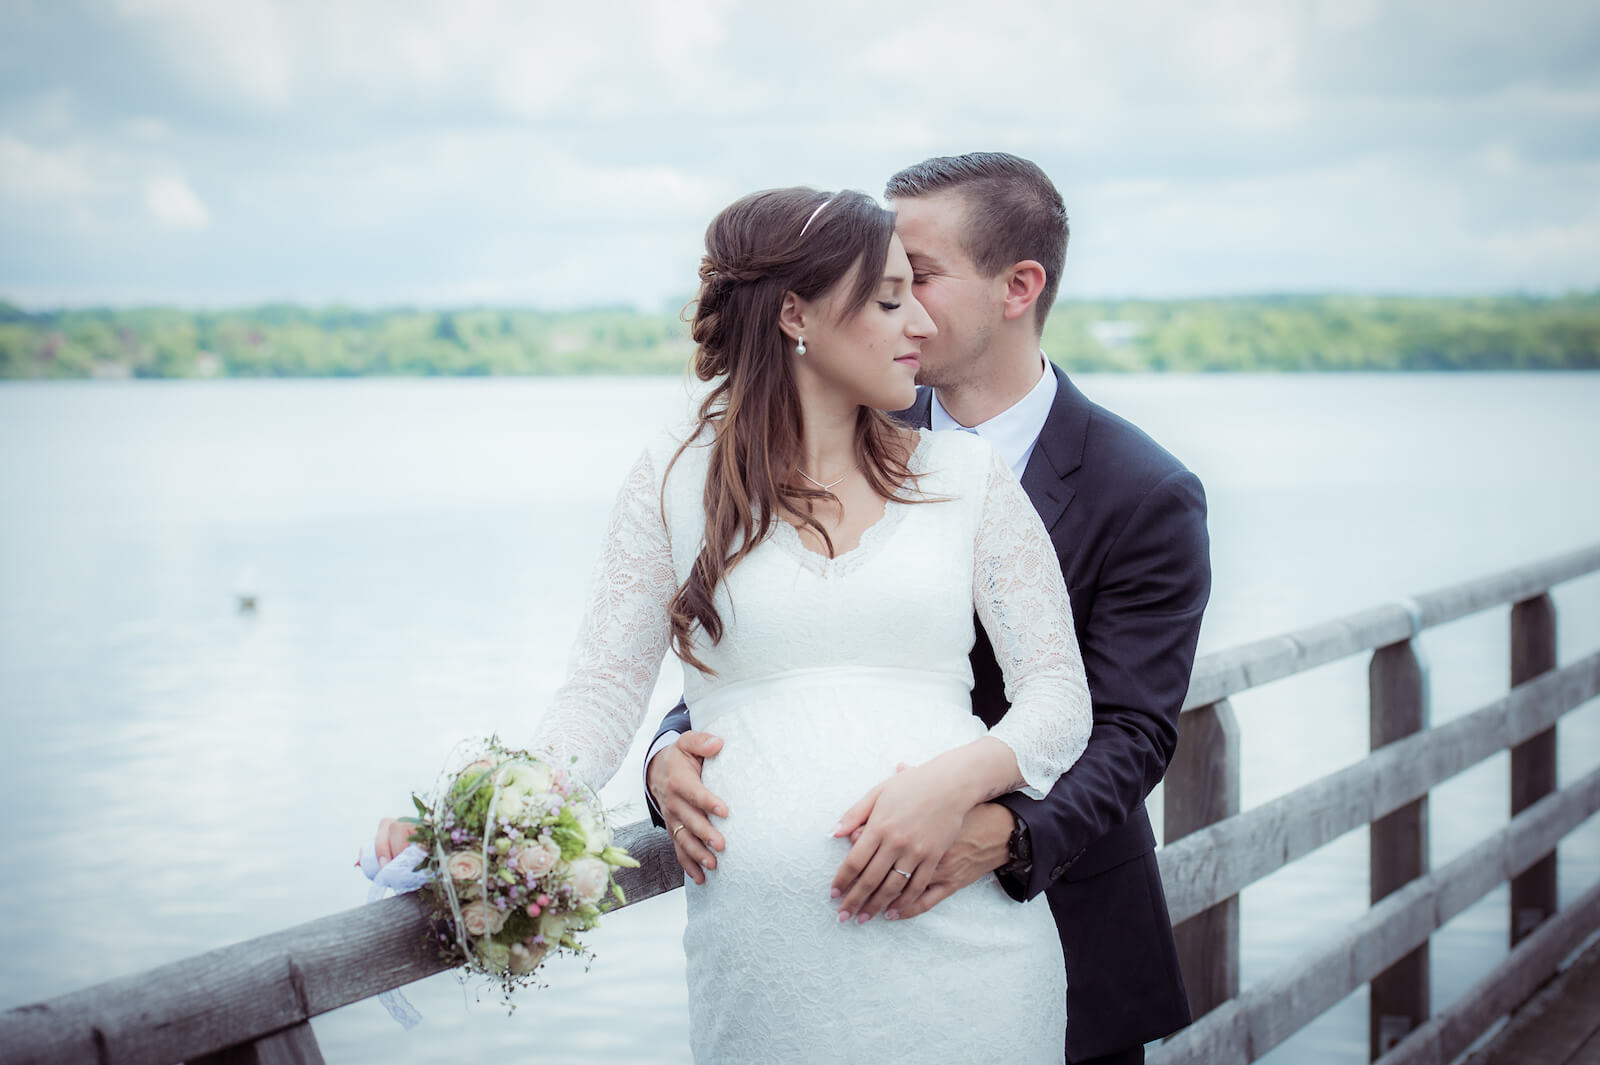 Hochzeit mit Babybauch - Brautpaar auf einem Steg am Ammersee